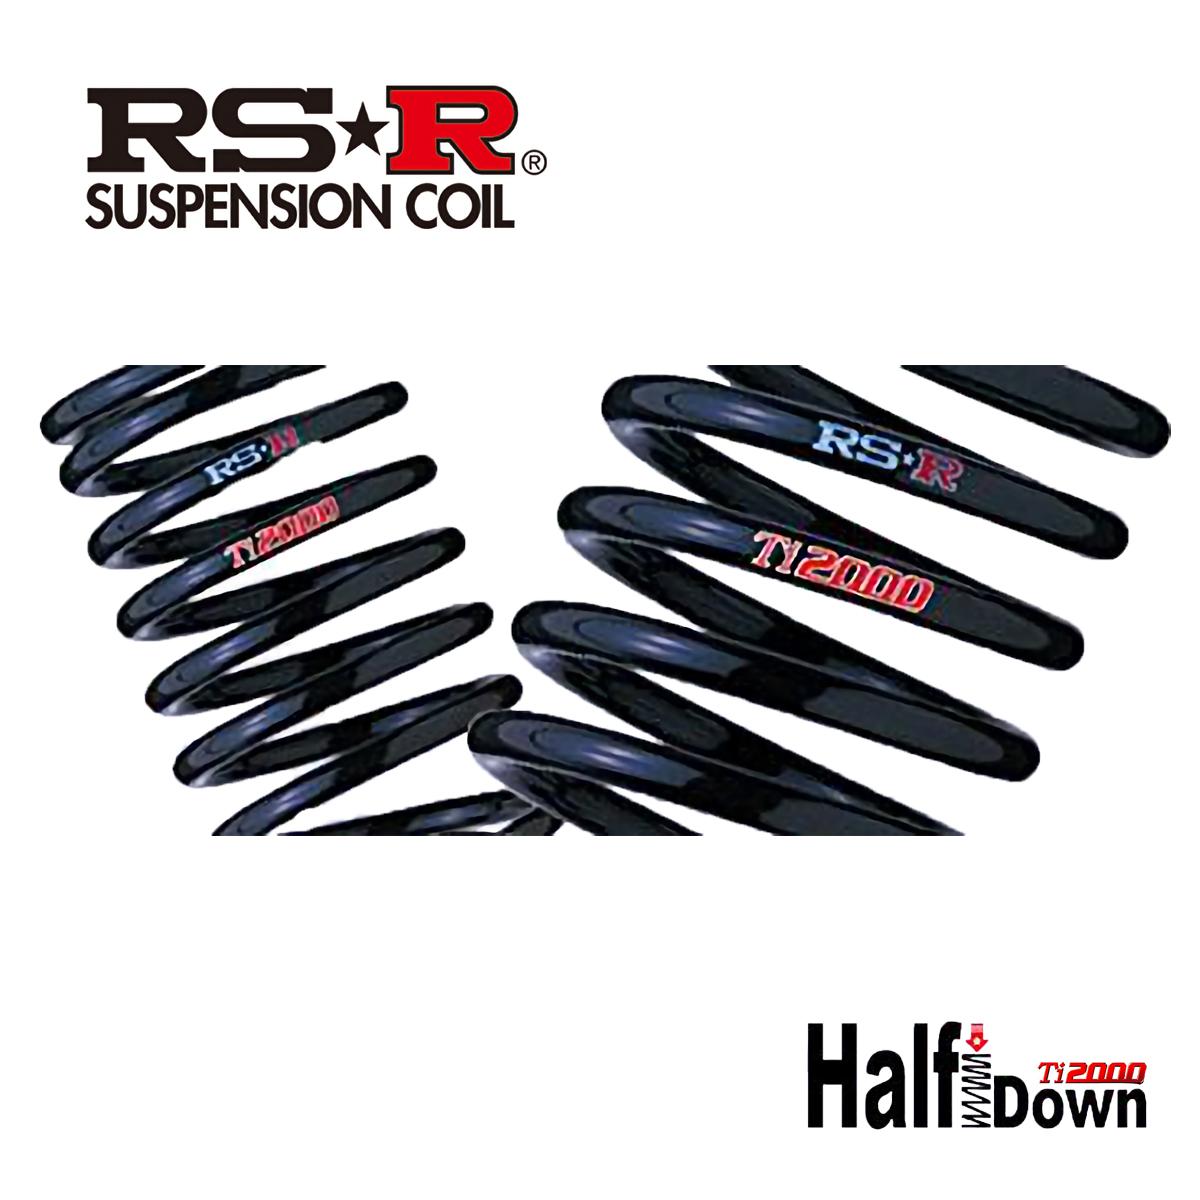 RS-R CX-5 CX5 KF2P XD Lパッケージ ダウンサス スプリング フロント M503THDF Ti2000 ハーフダウン RSR 個人宅発送追金有